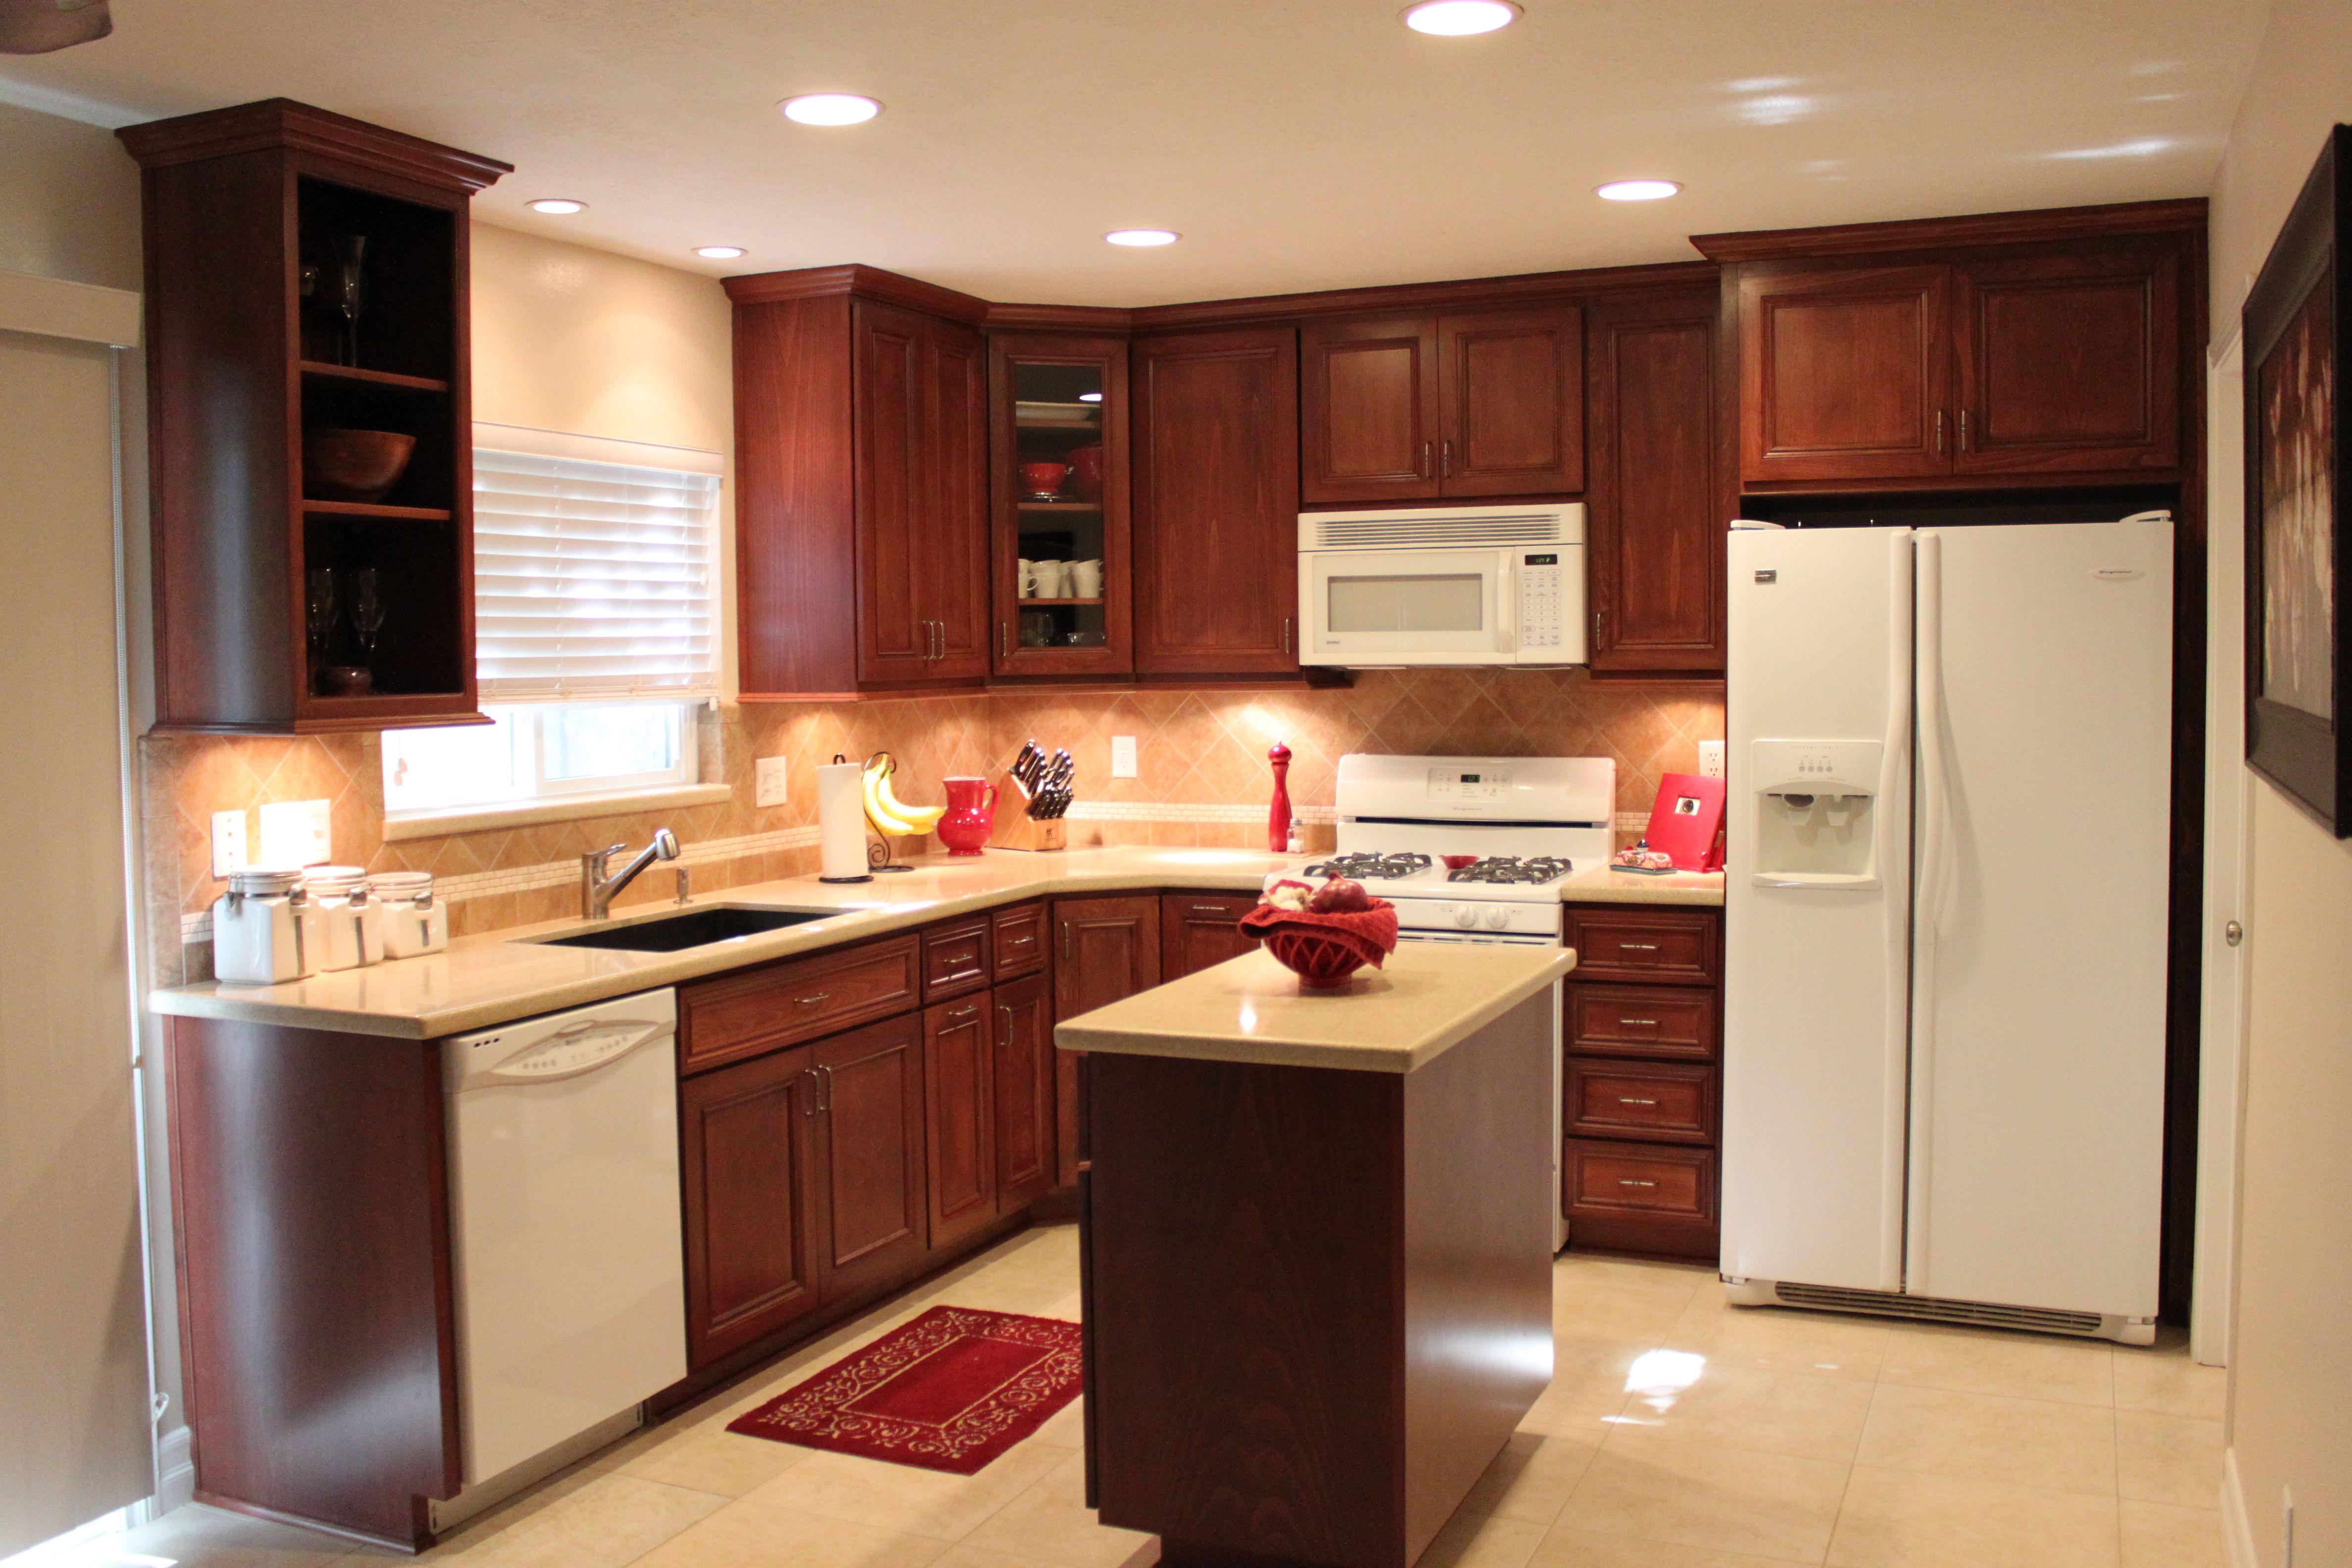 Reface Beech Wood Auburn Stain Yorba Linda Kitchen Cabinets Kitchen Maple Kitchen